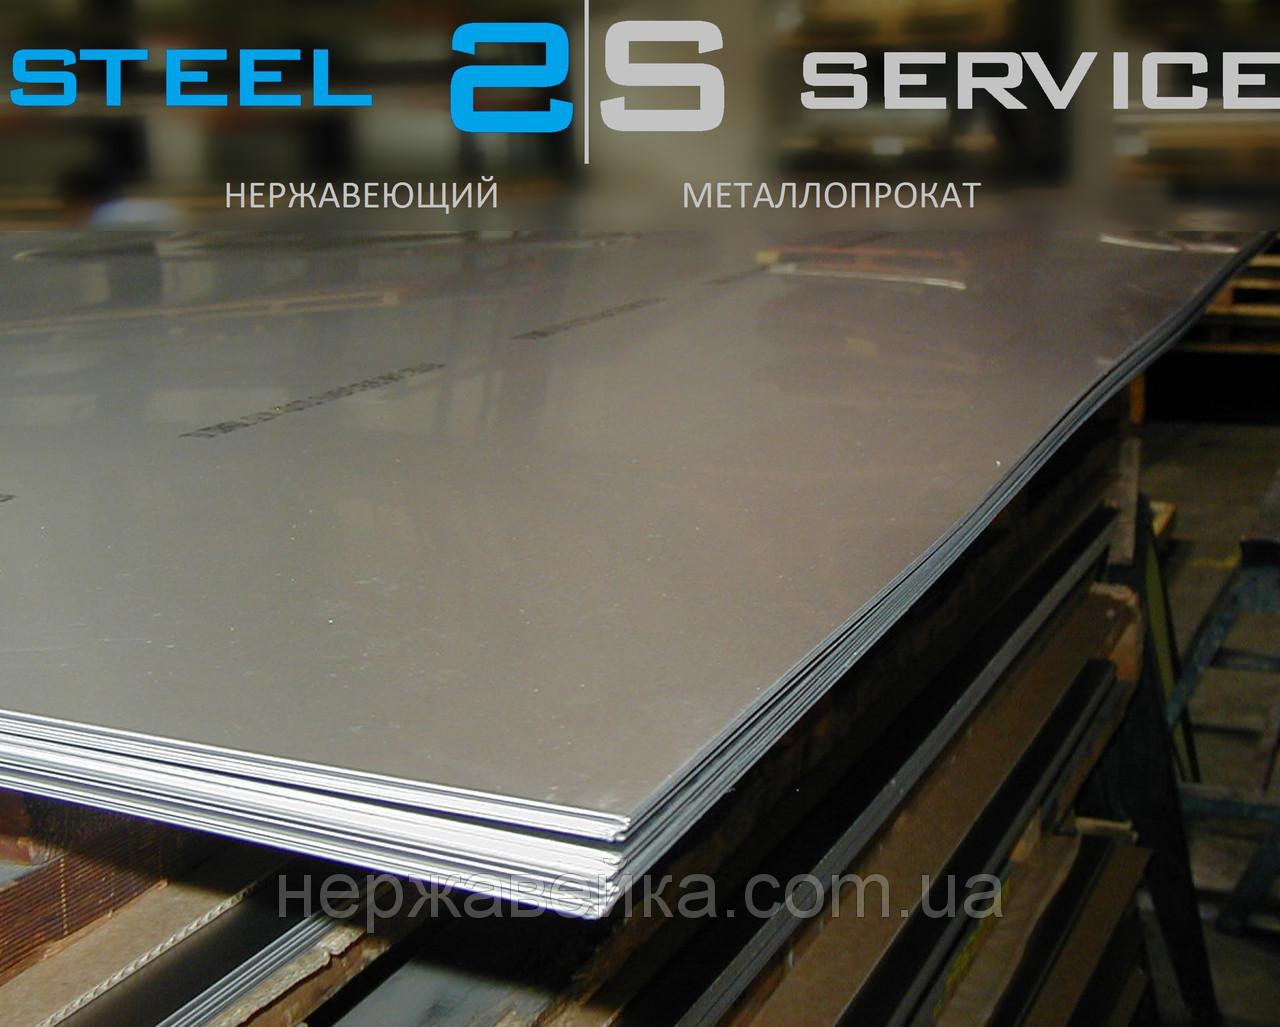 Нержавейка лист 2х1500х3000мм  AISI 316Ti(10Х17Н13М2Т) 4N - шлифованный,  кислотостойкий